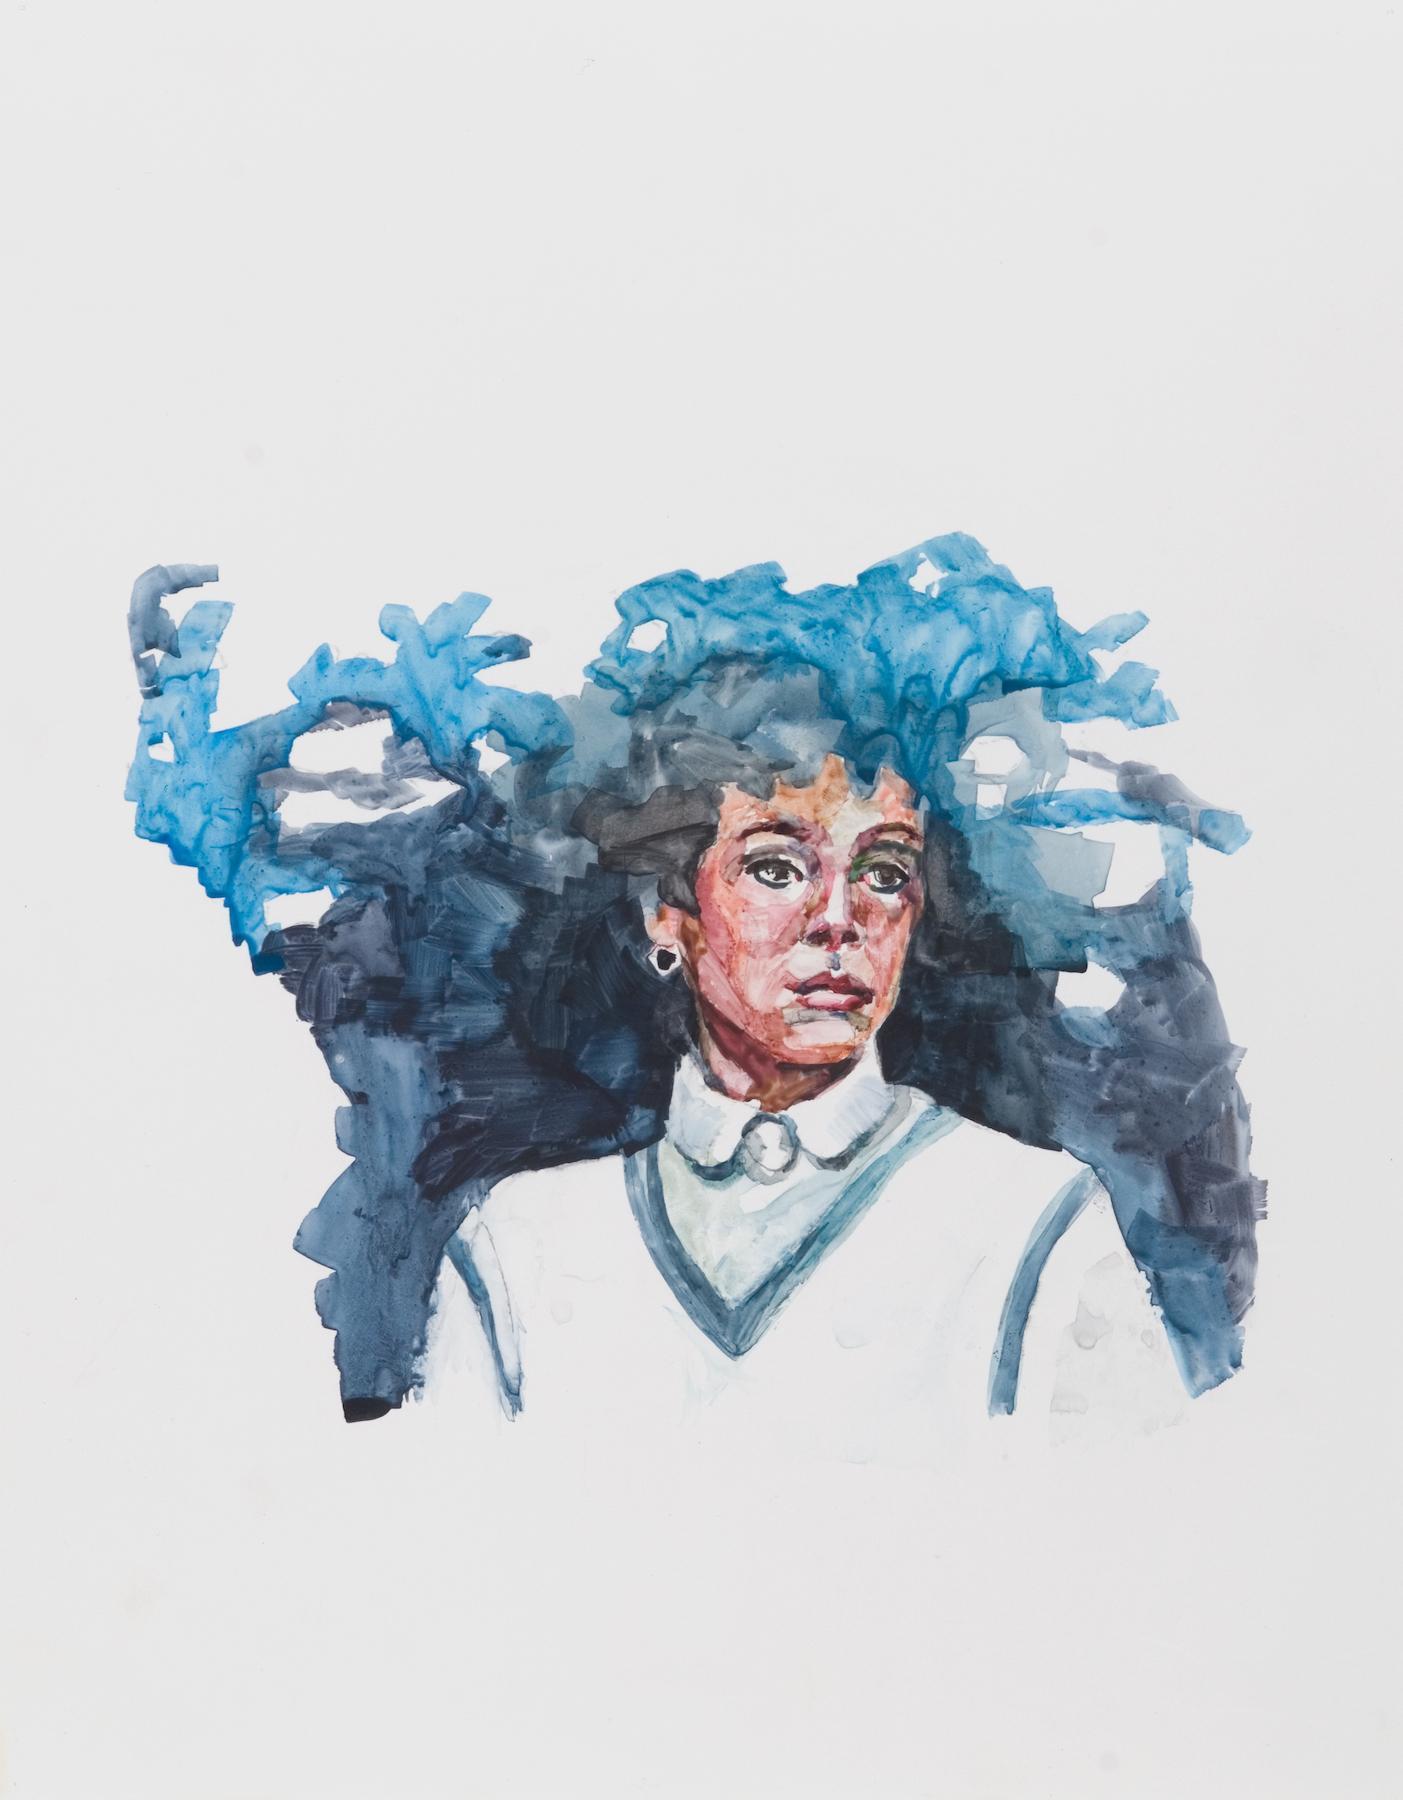 Frozen, impressionistic gouache on yupo paper vintage female portrait, 2013